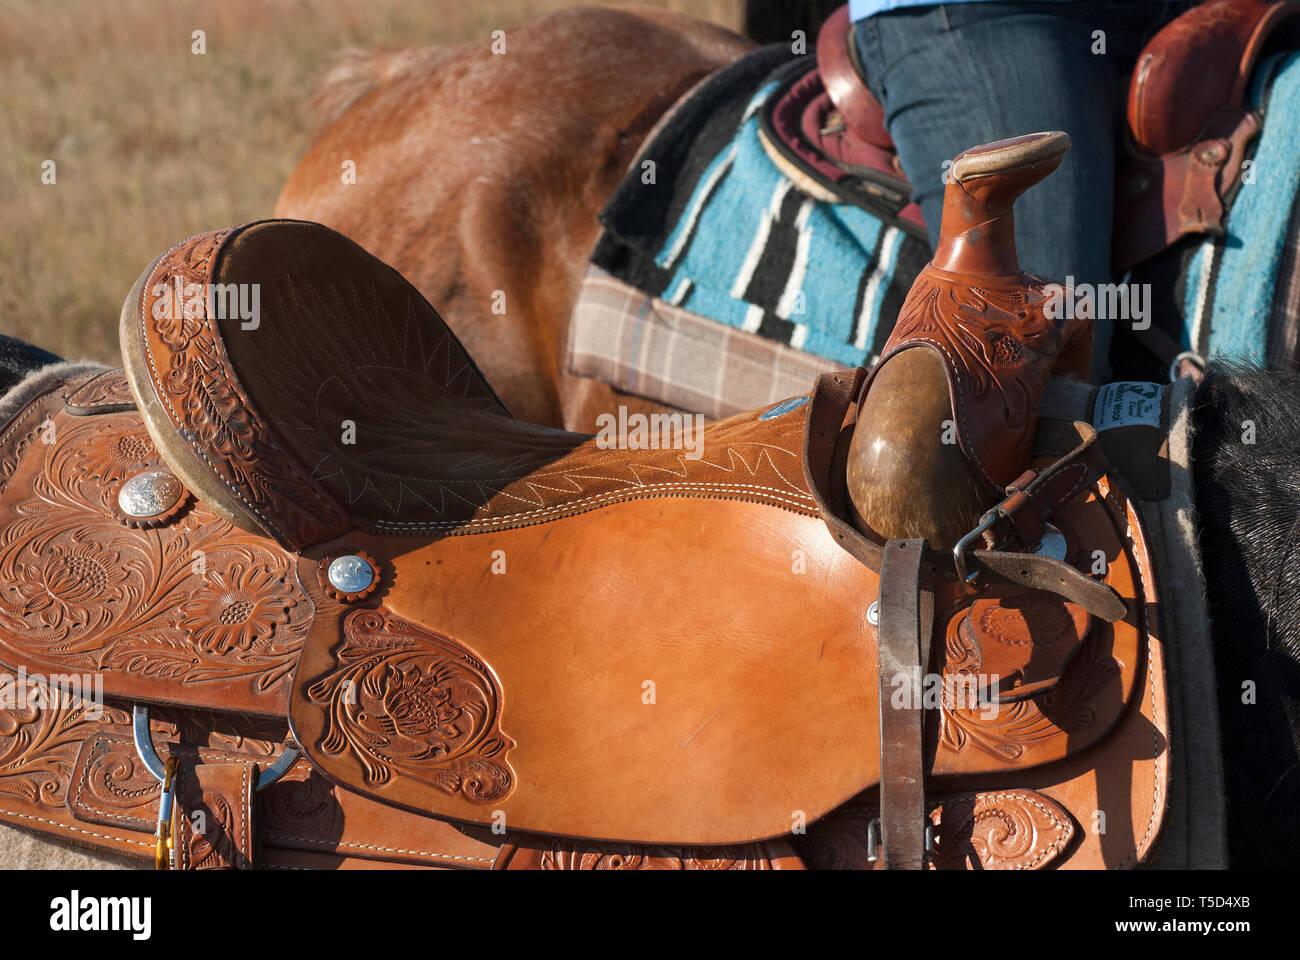 Saddle Saddles Stock Photos & Saddle Saddles Stock Images